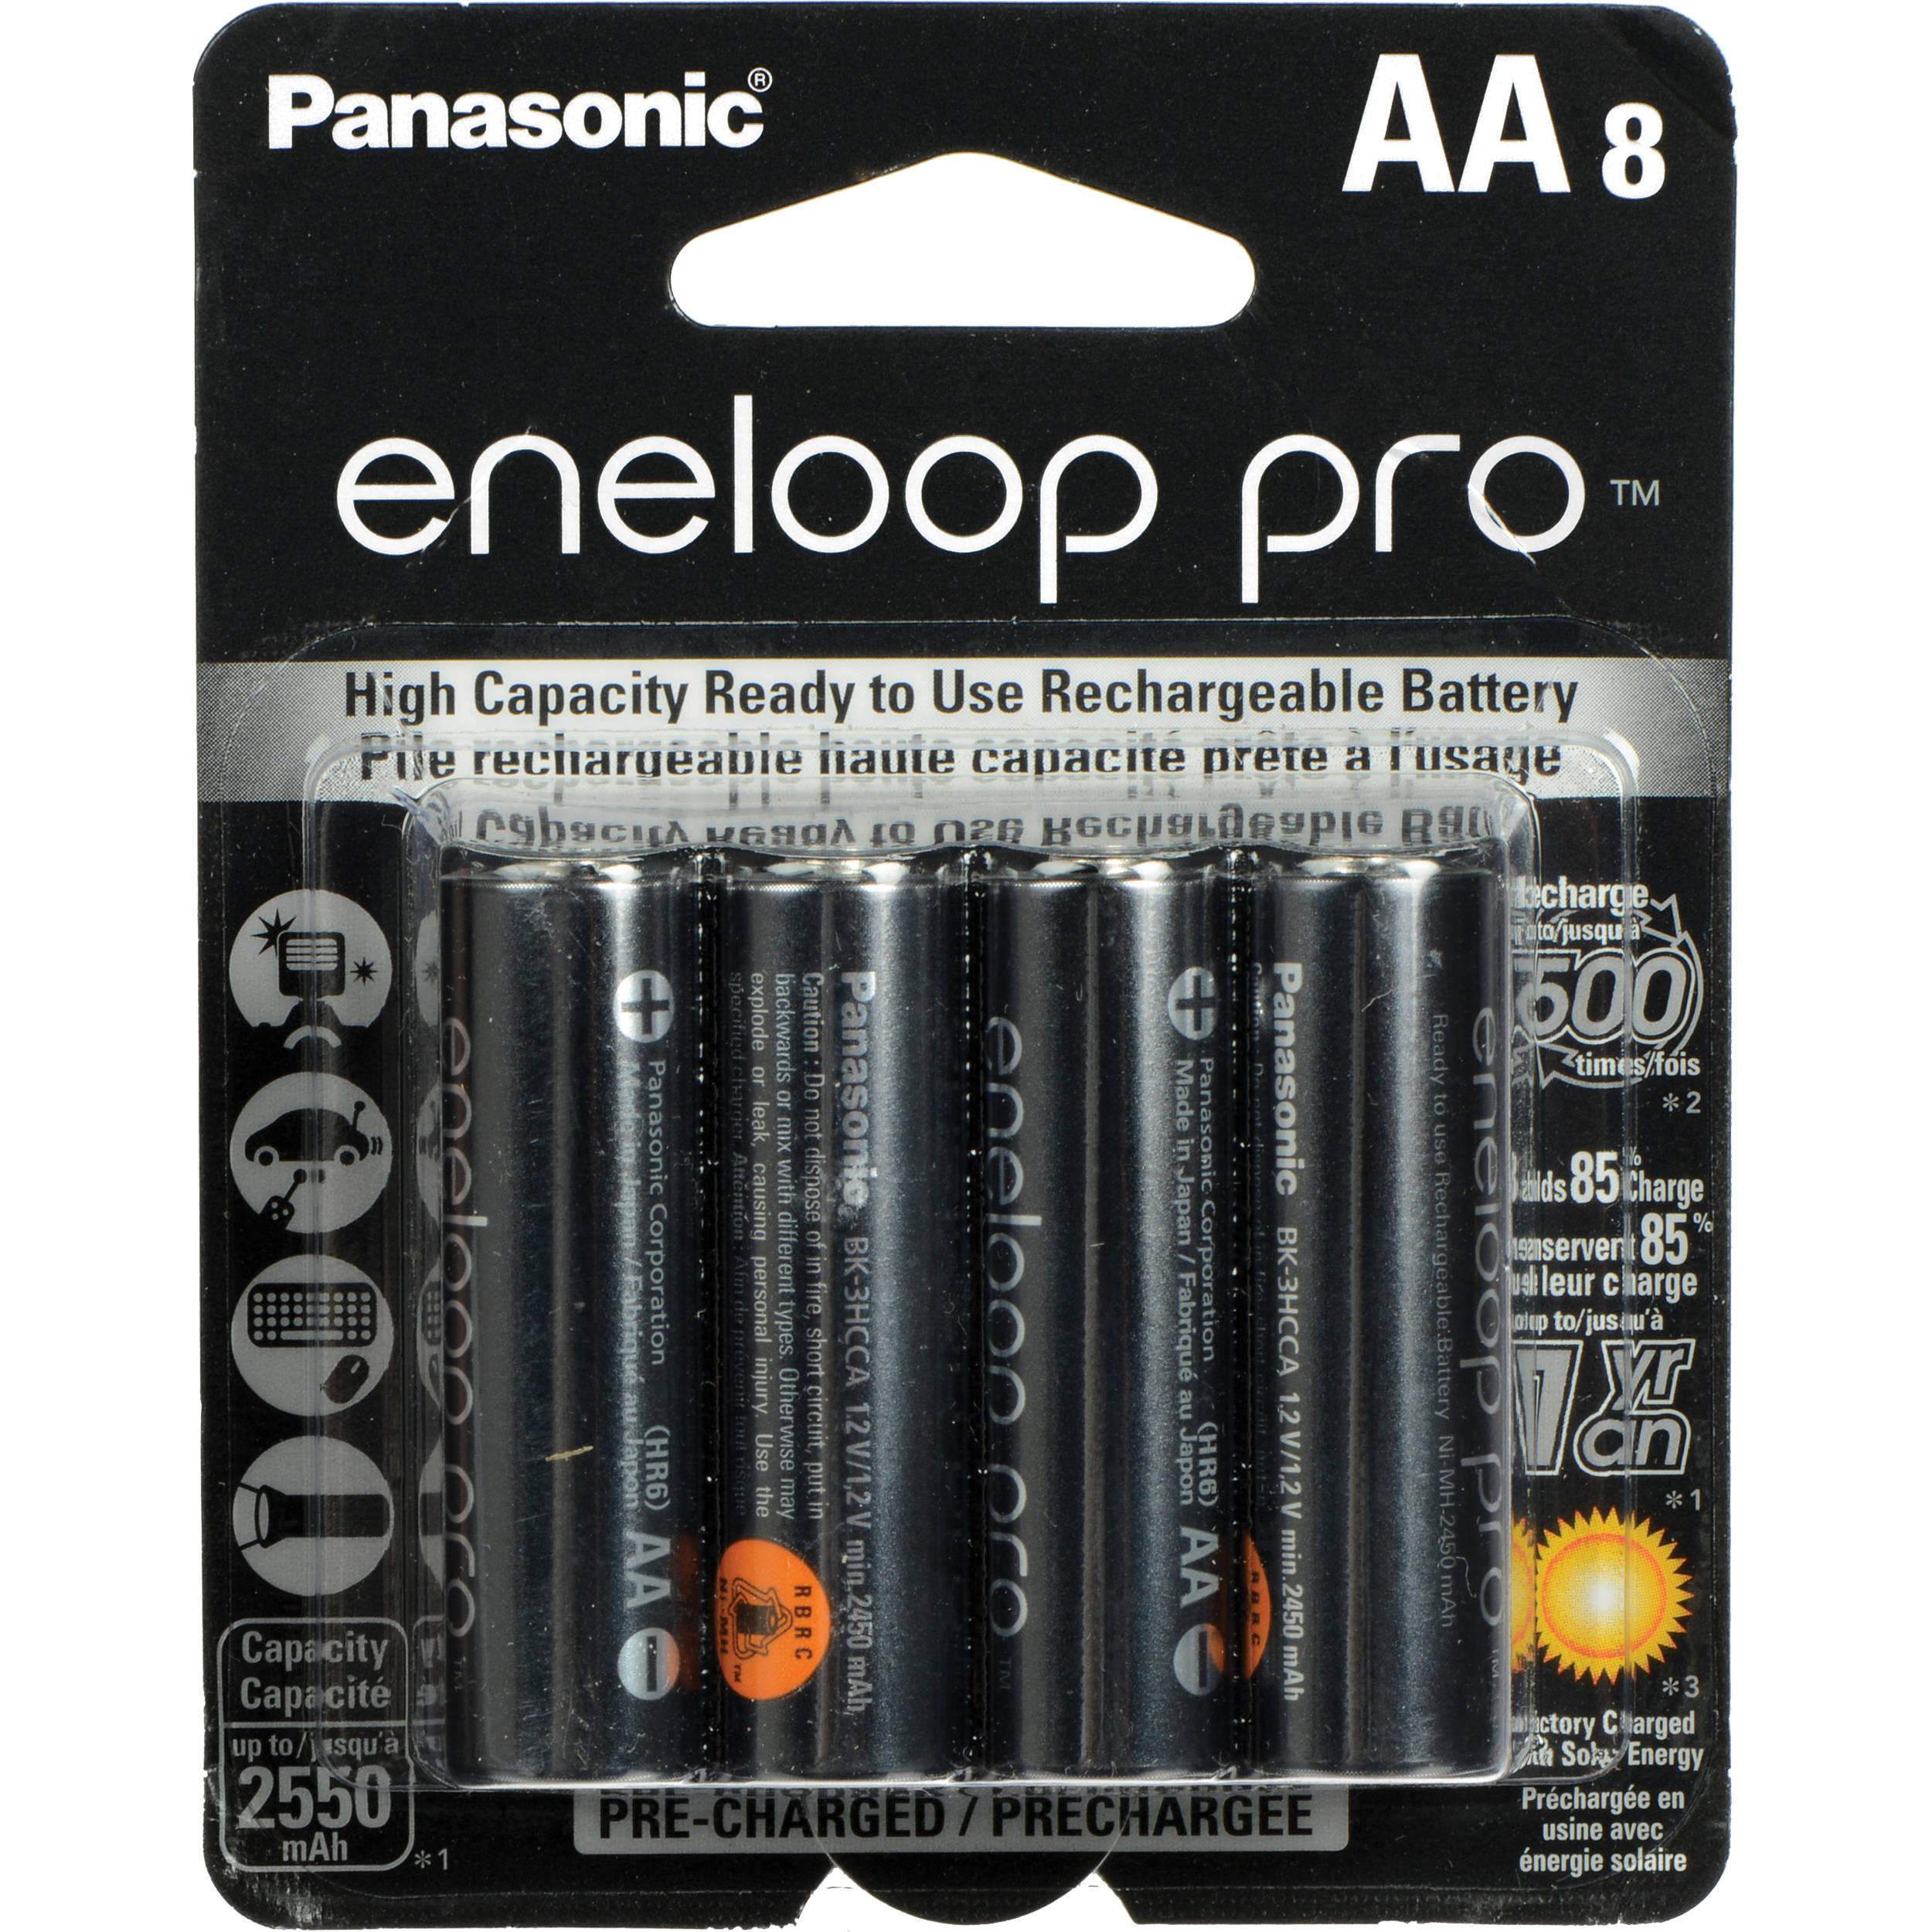 Eneloop pro batterier